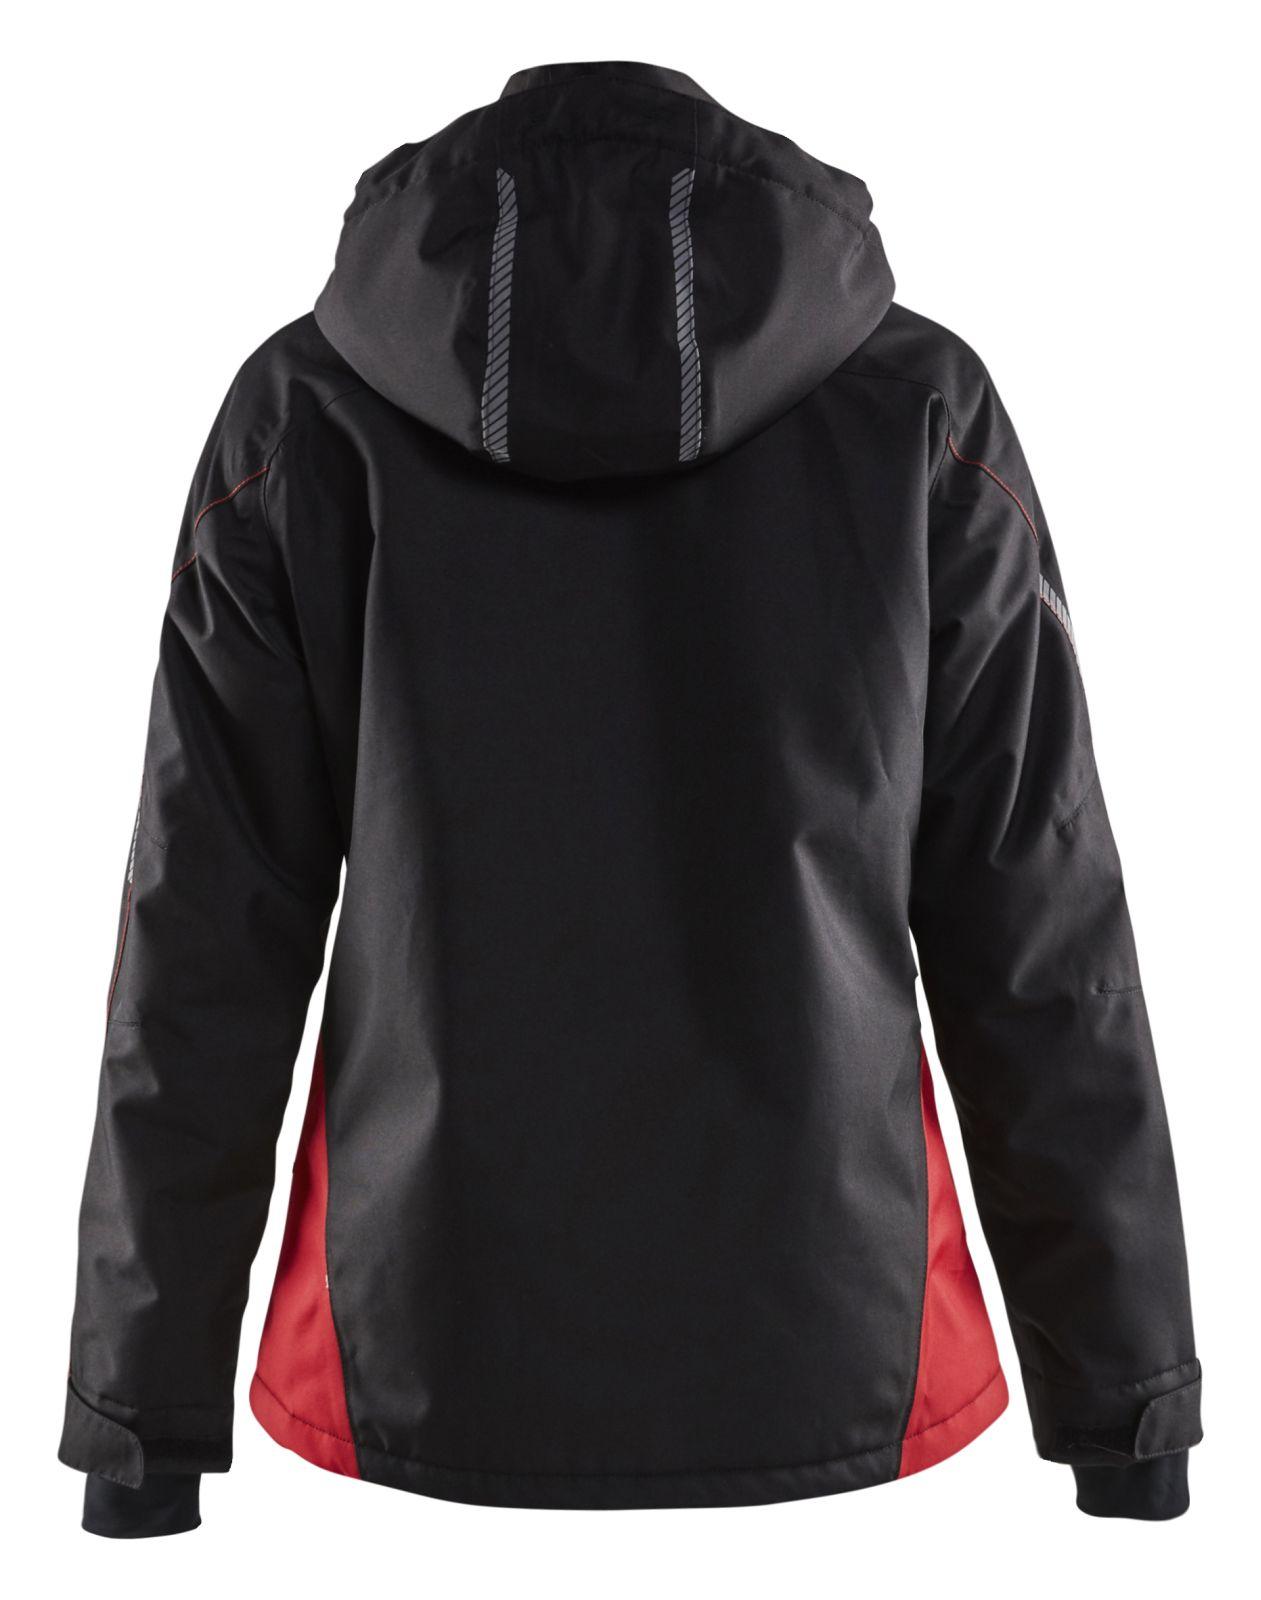 Blaklader Jassen 49721977 zwart-rood(9956)